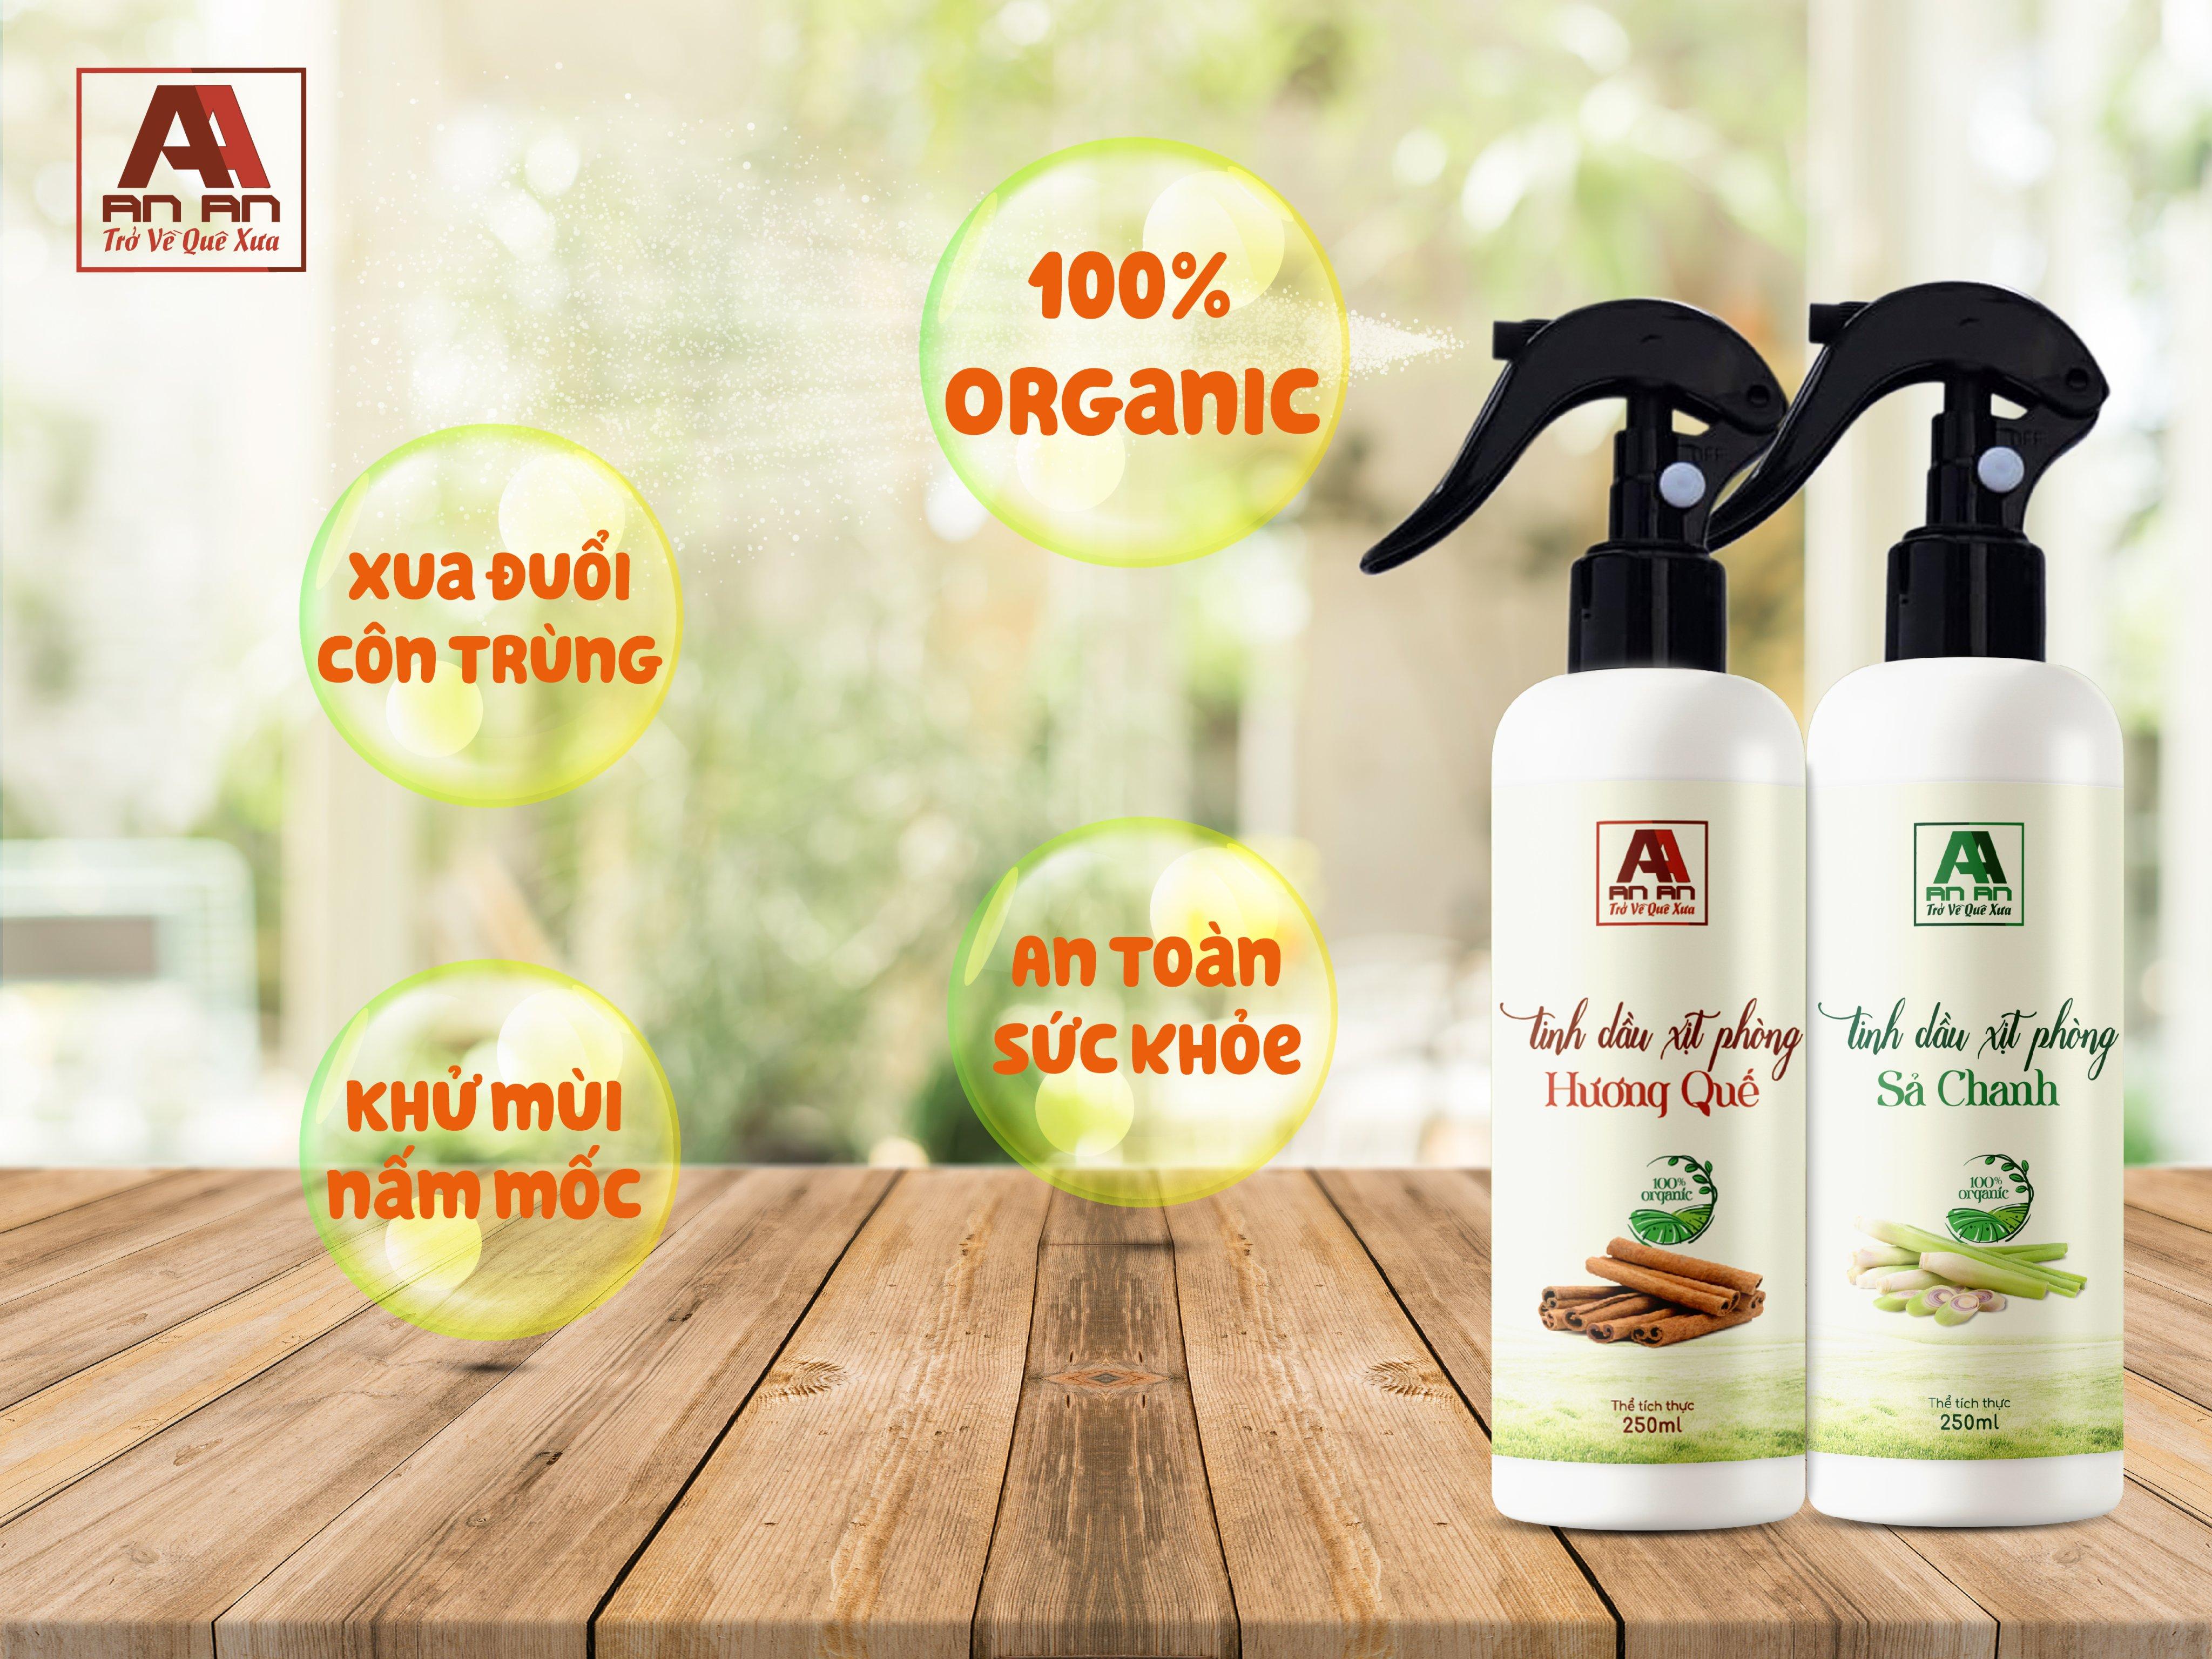 Tinh dầu xịt phòng chiết xuất từ thảo dược